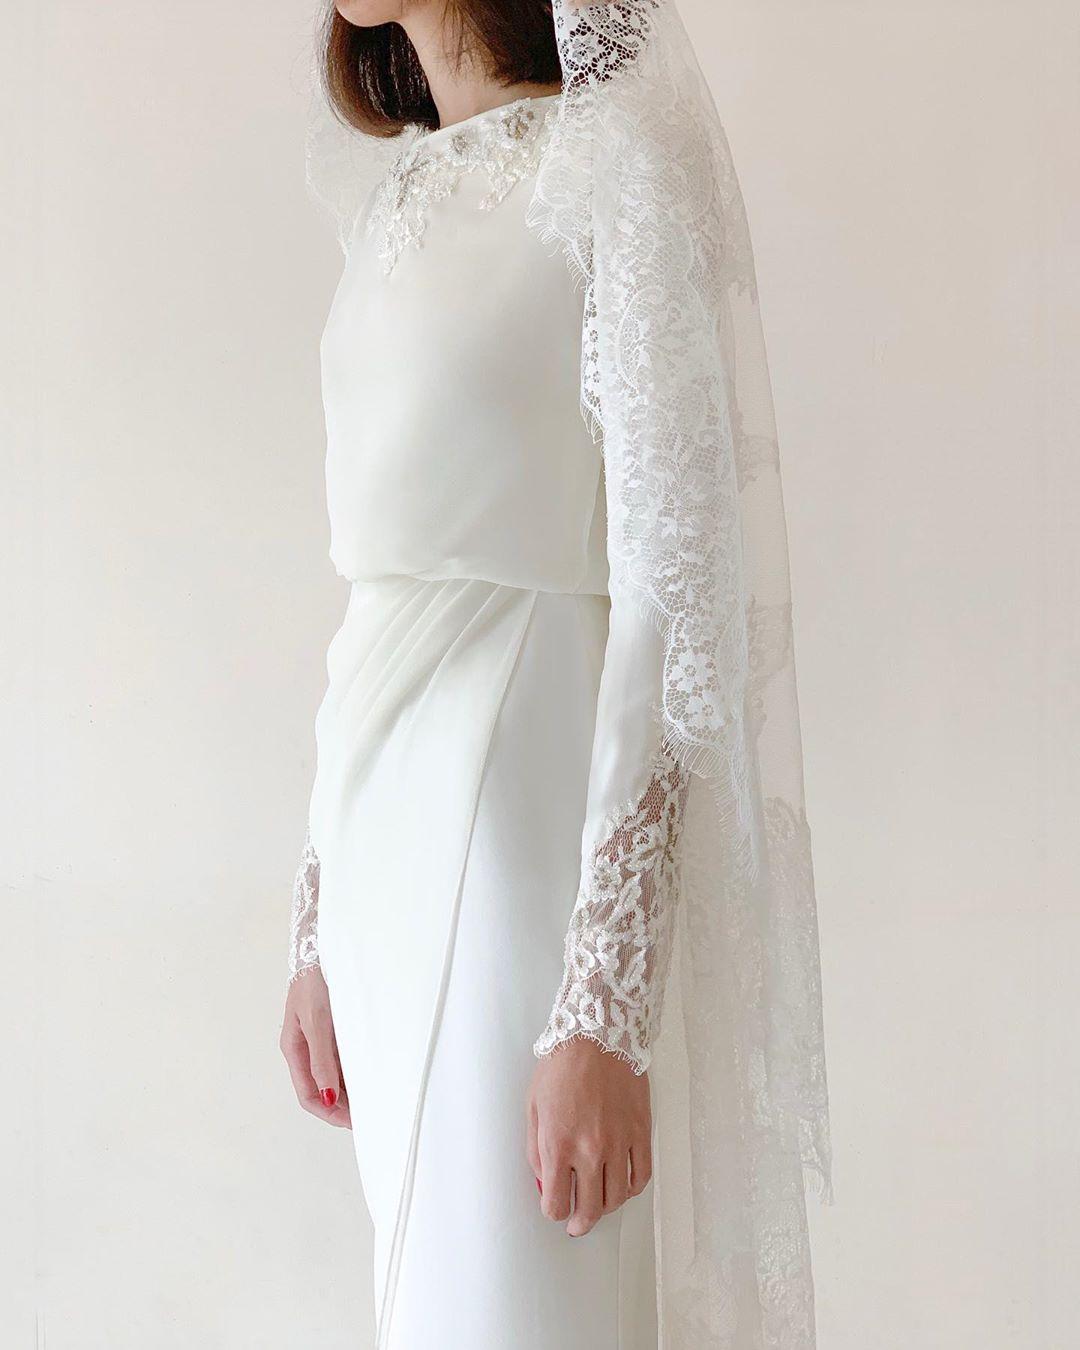 1 594 Likes 24 Comments Cloleo Cloleoofficial On Instagram Exquisite Details And A Sense Of Nikah Dress Simple Engagement Dress Wedding Suits For Bride [ 1350 x 1080 Pixel ]